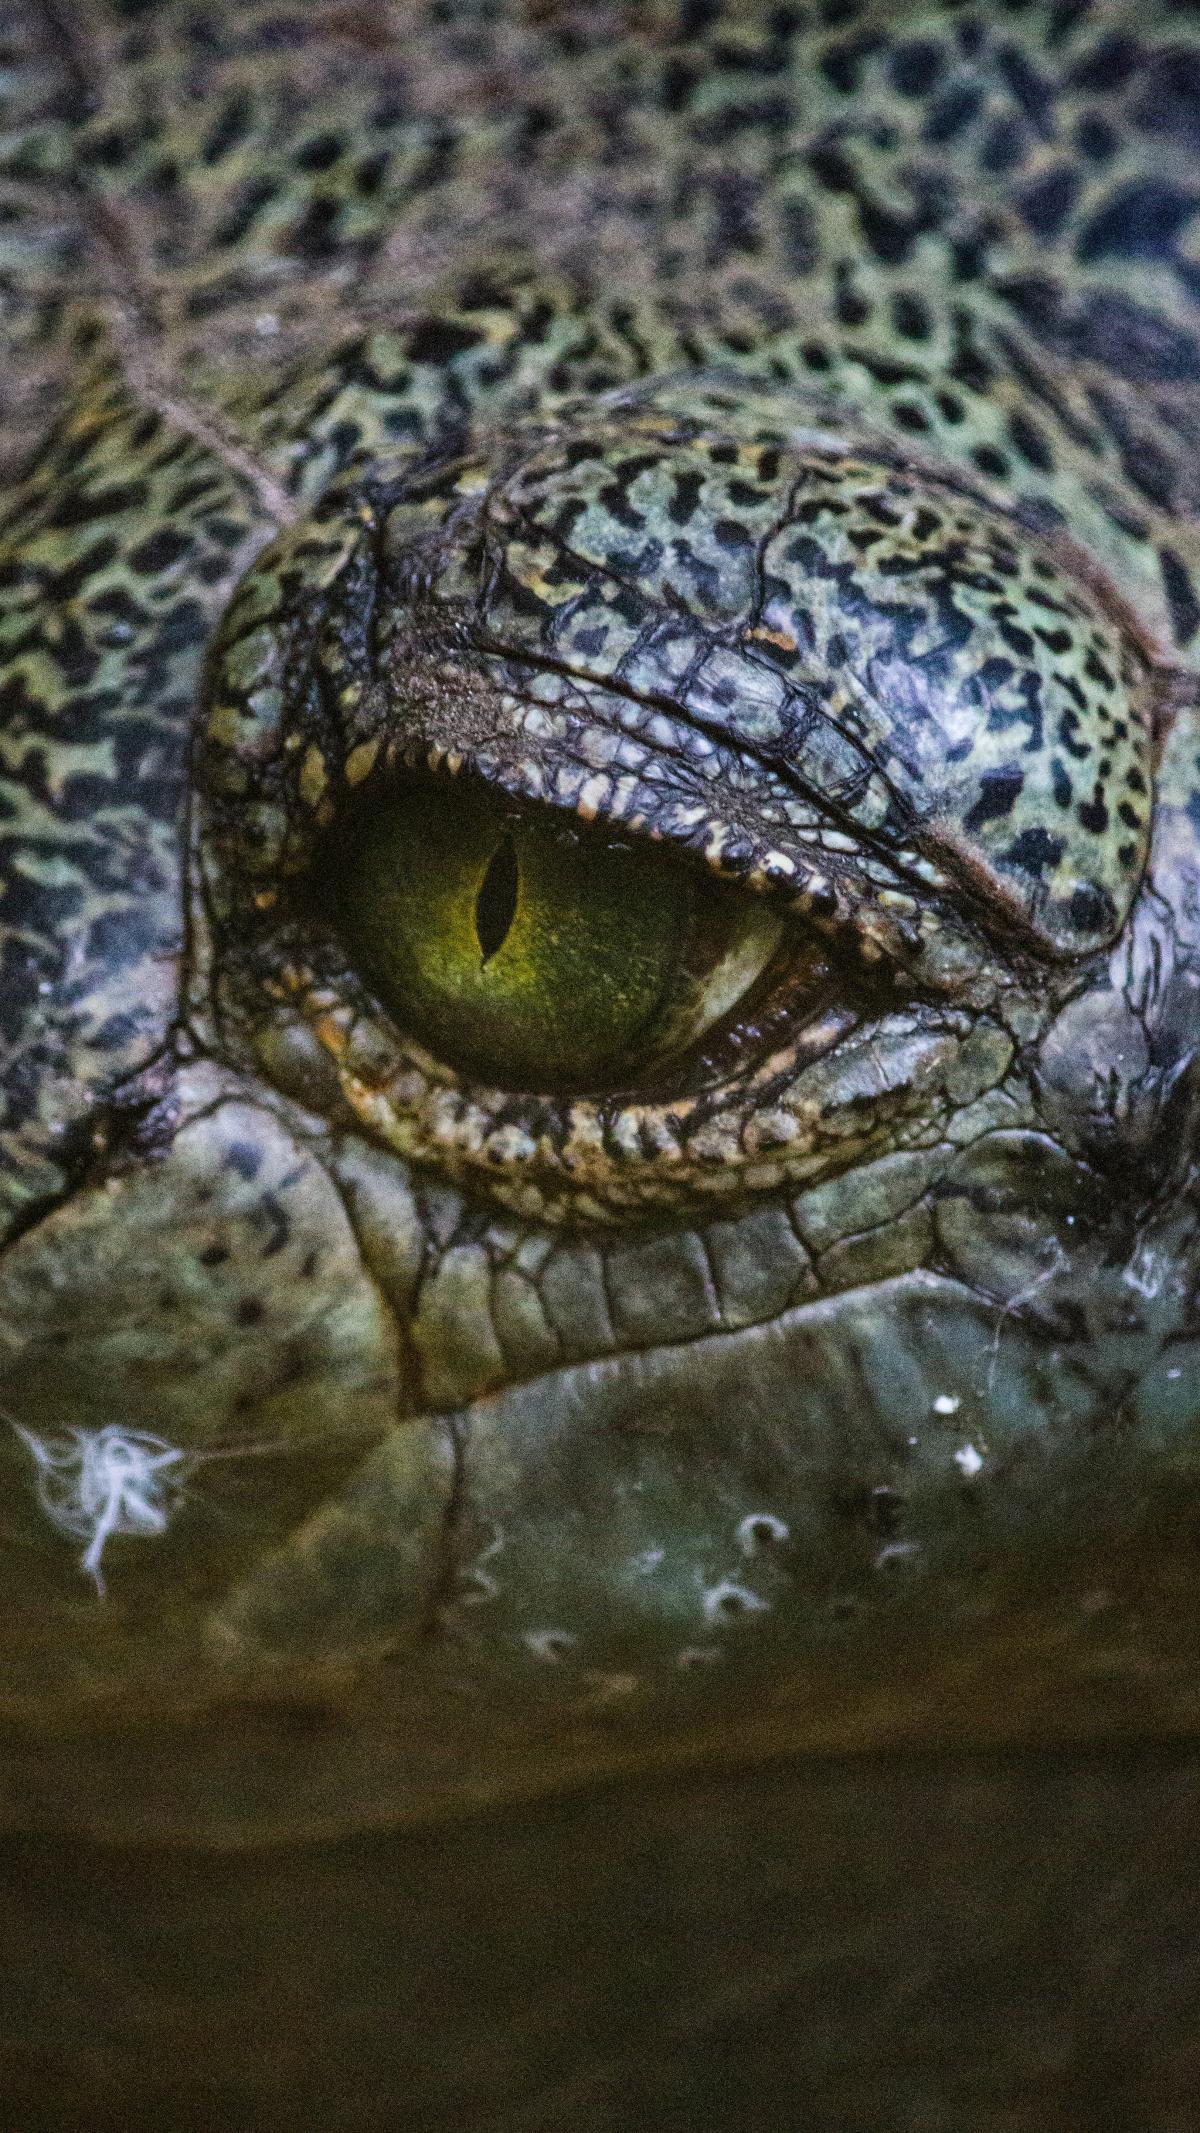 Alligator Reptile Crocodile